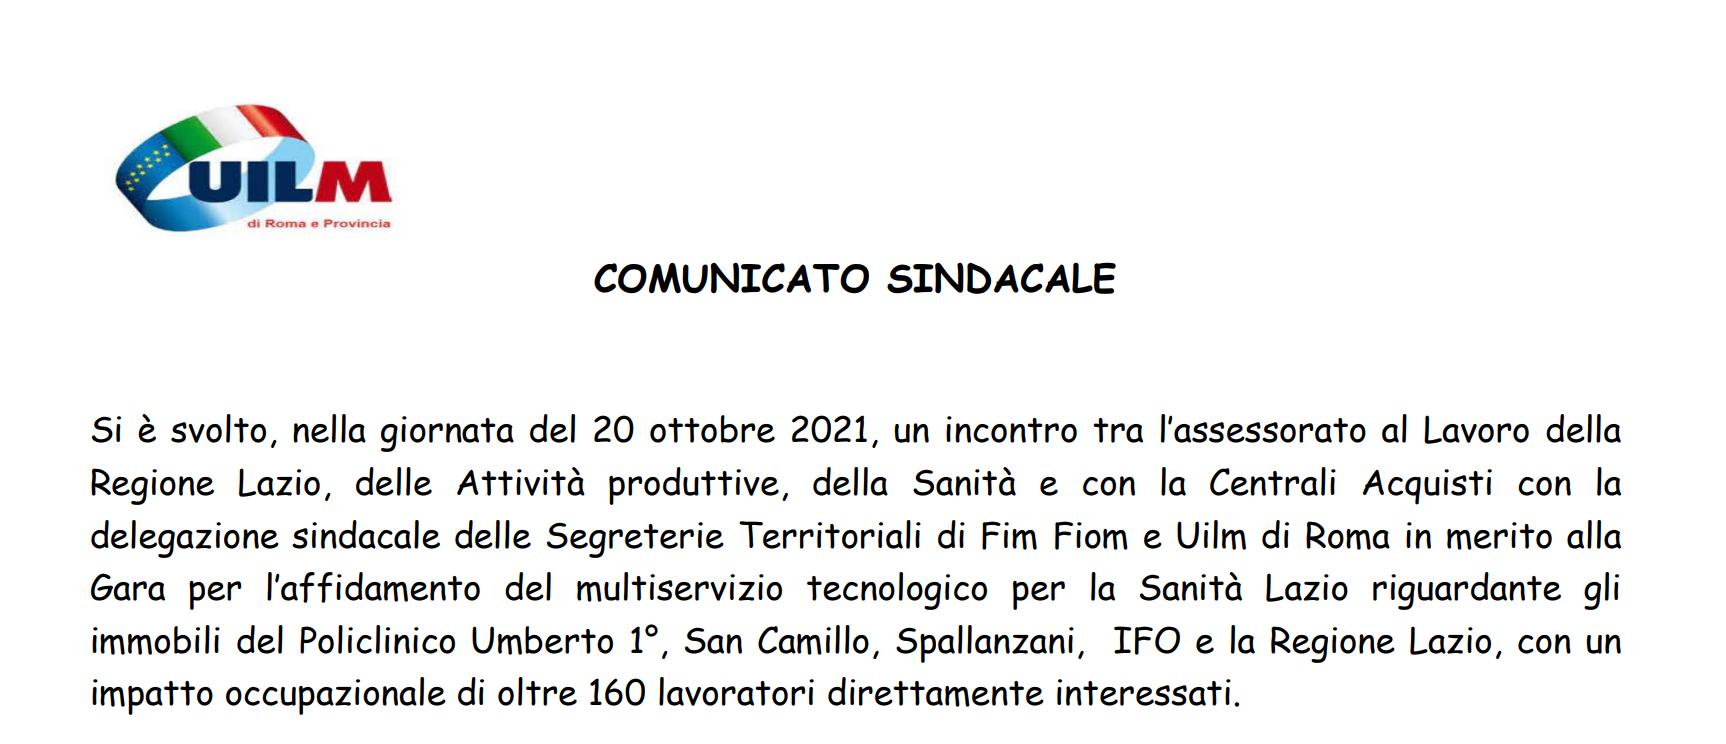 Comunicato Uilm REG Lazio 20 ottobre 21